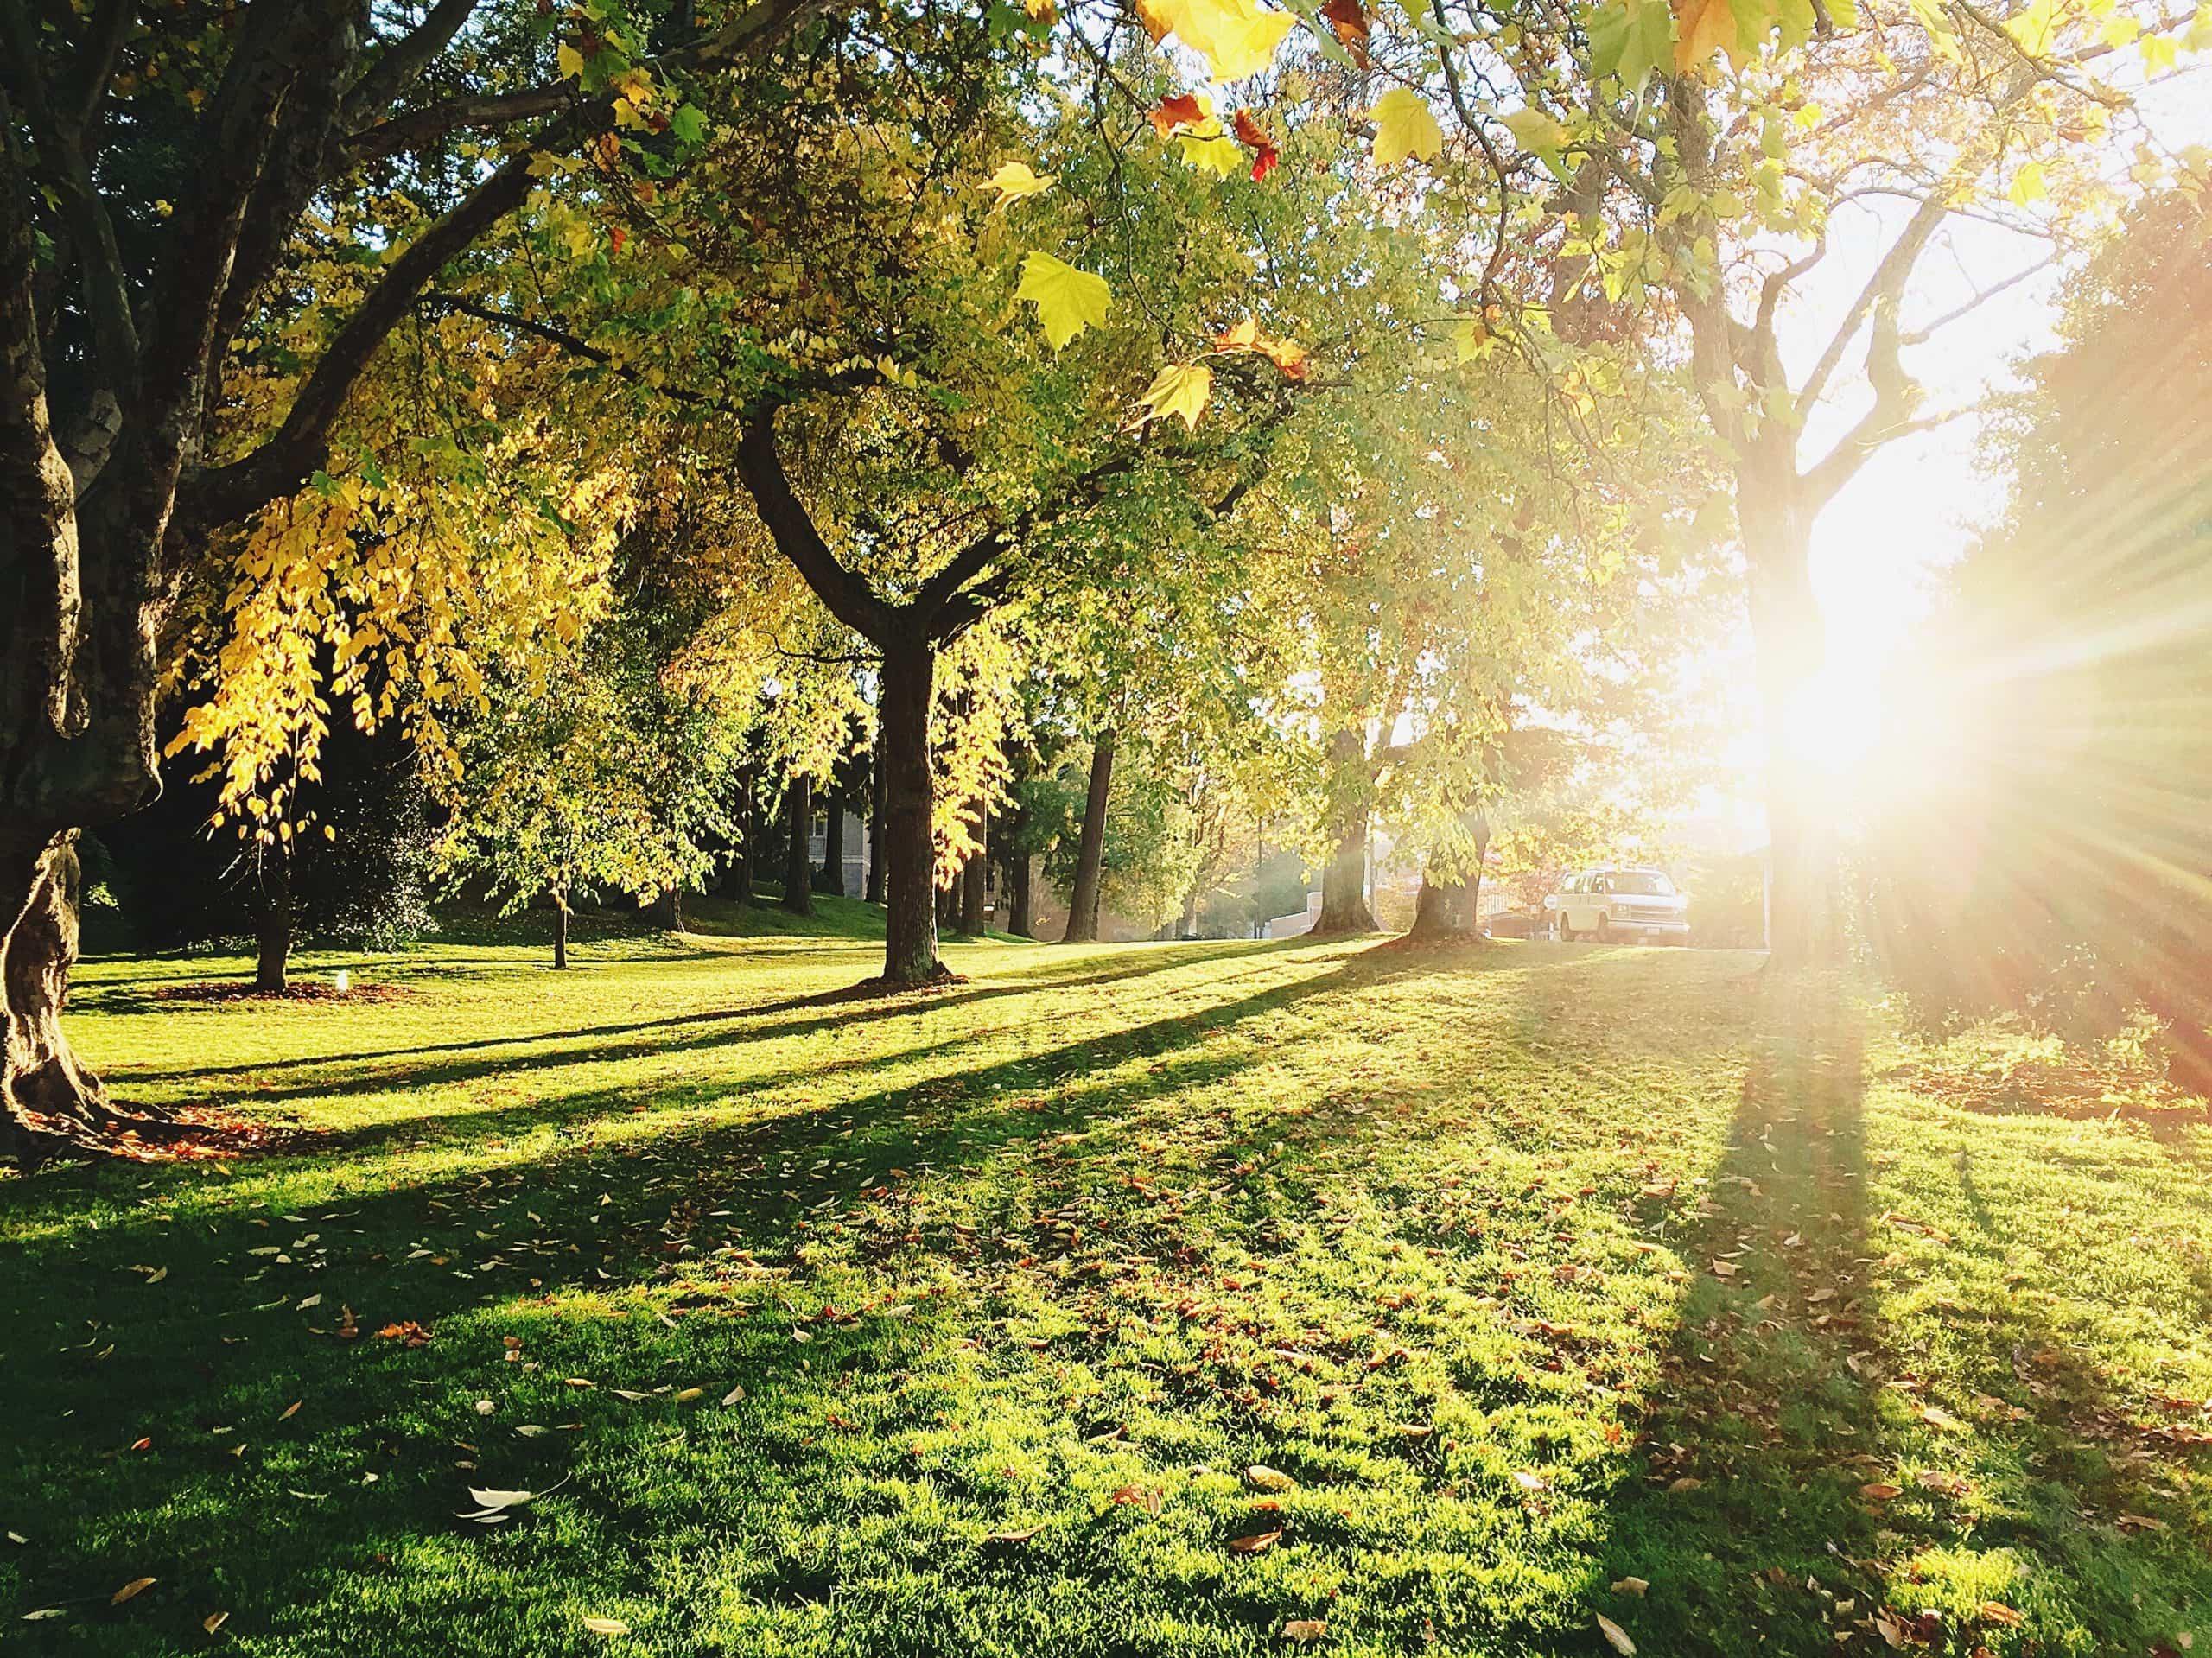 Alamillo Park